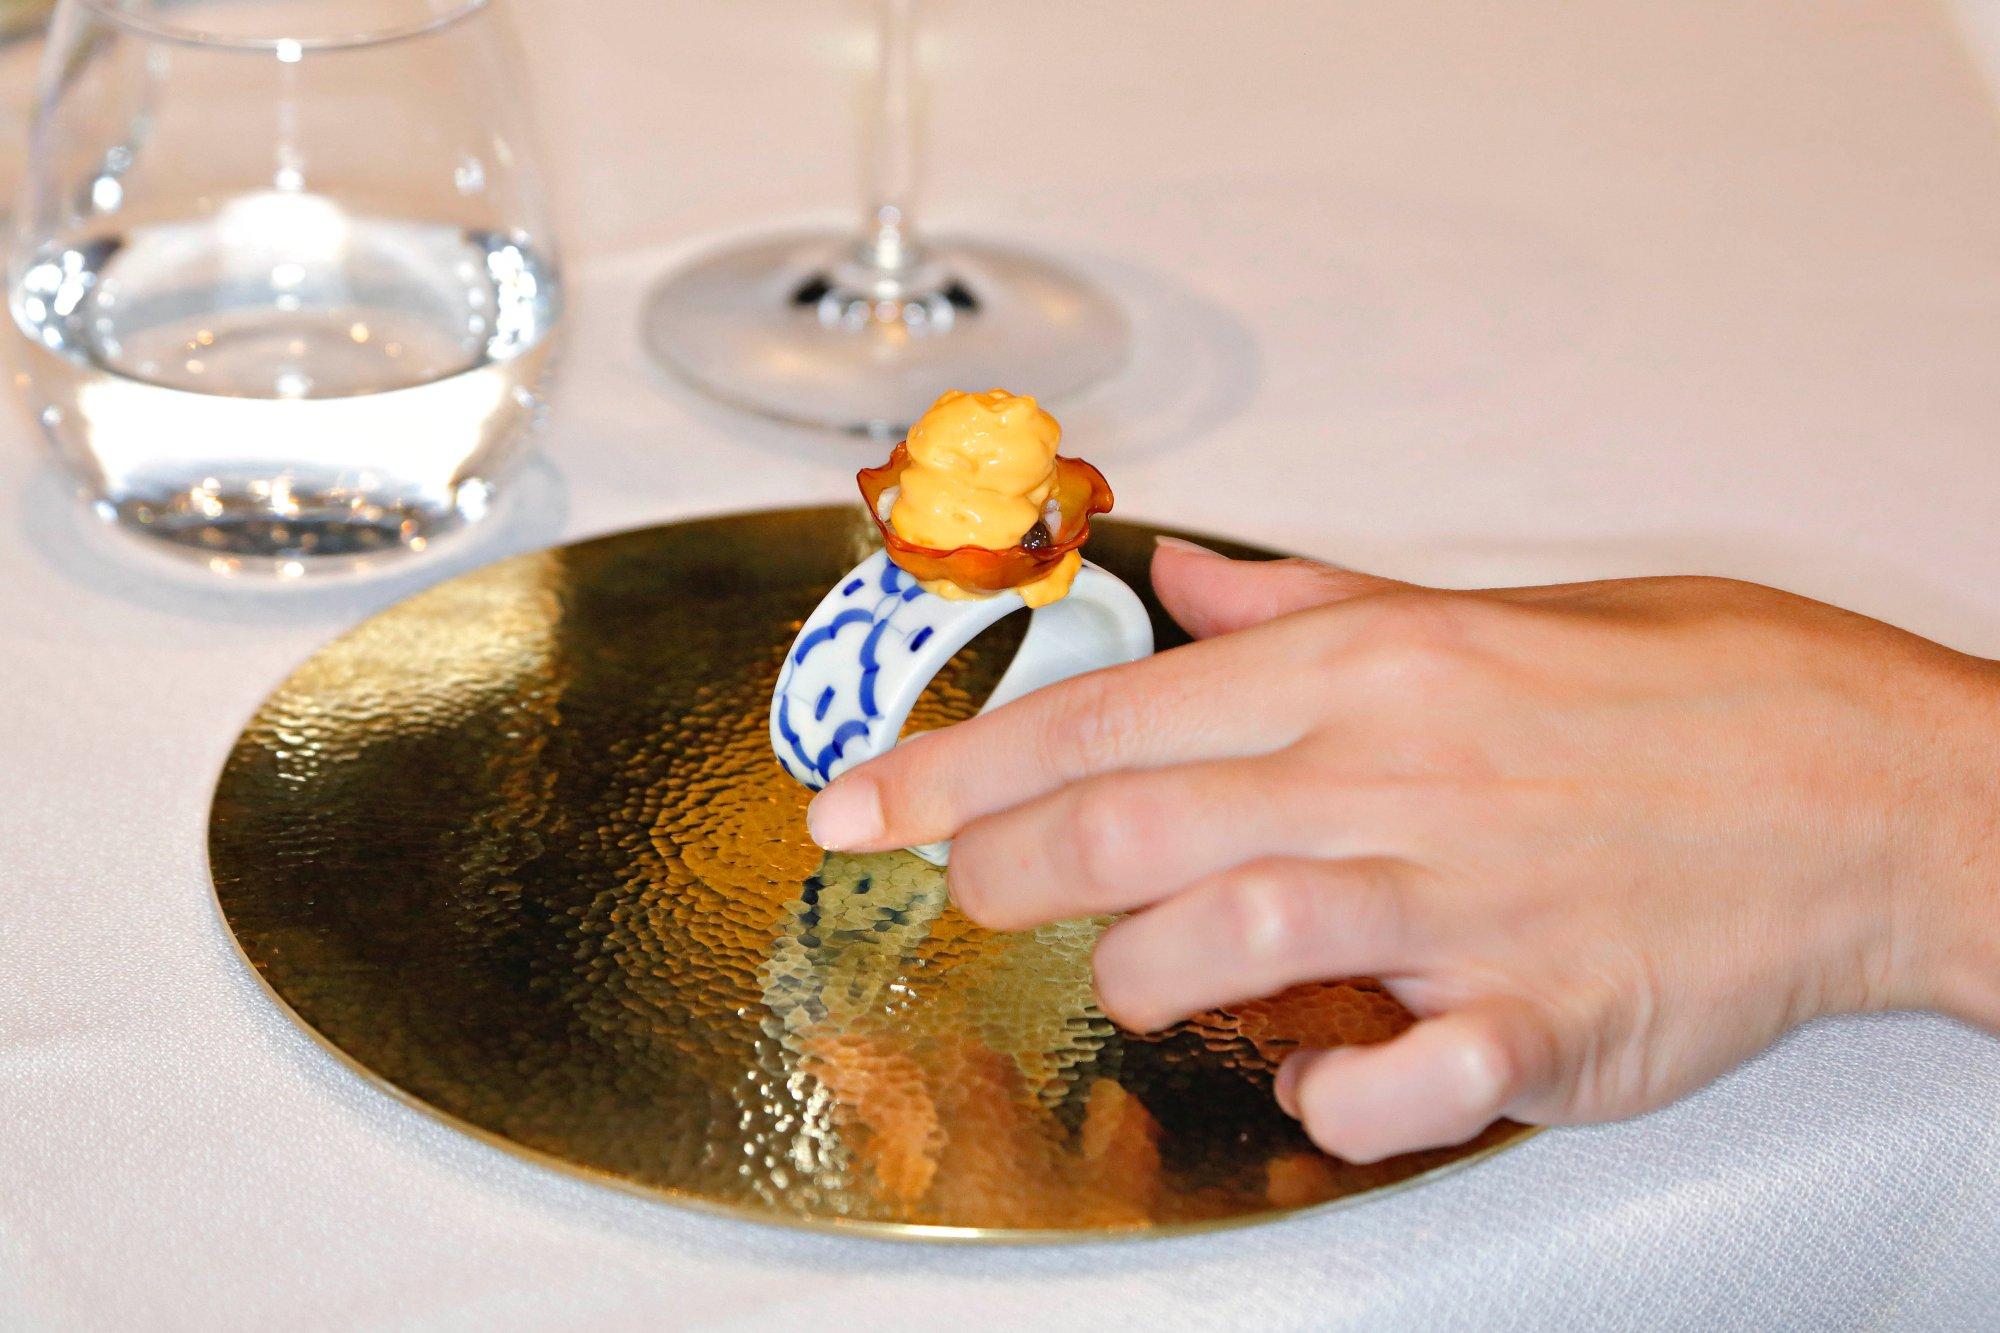 Cilindro de 'kimchi' con ibérico confitado y ostra.